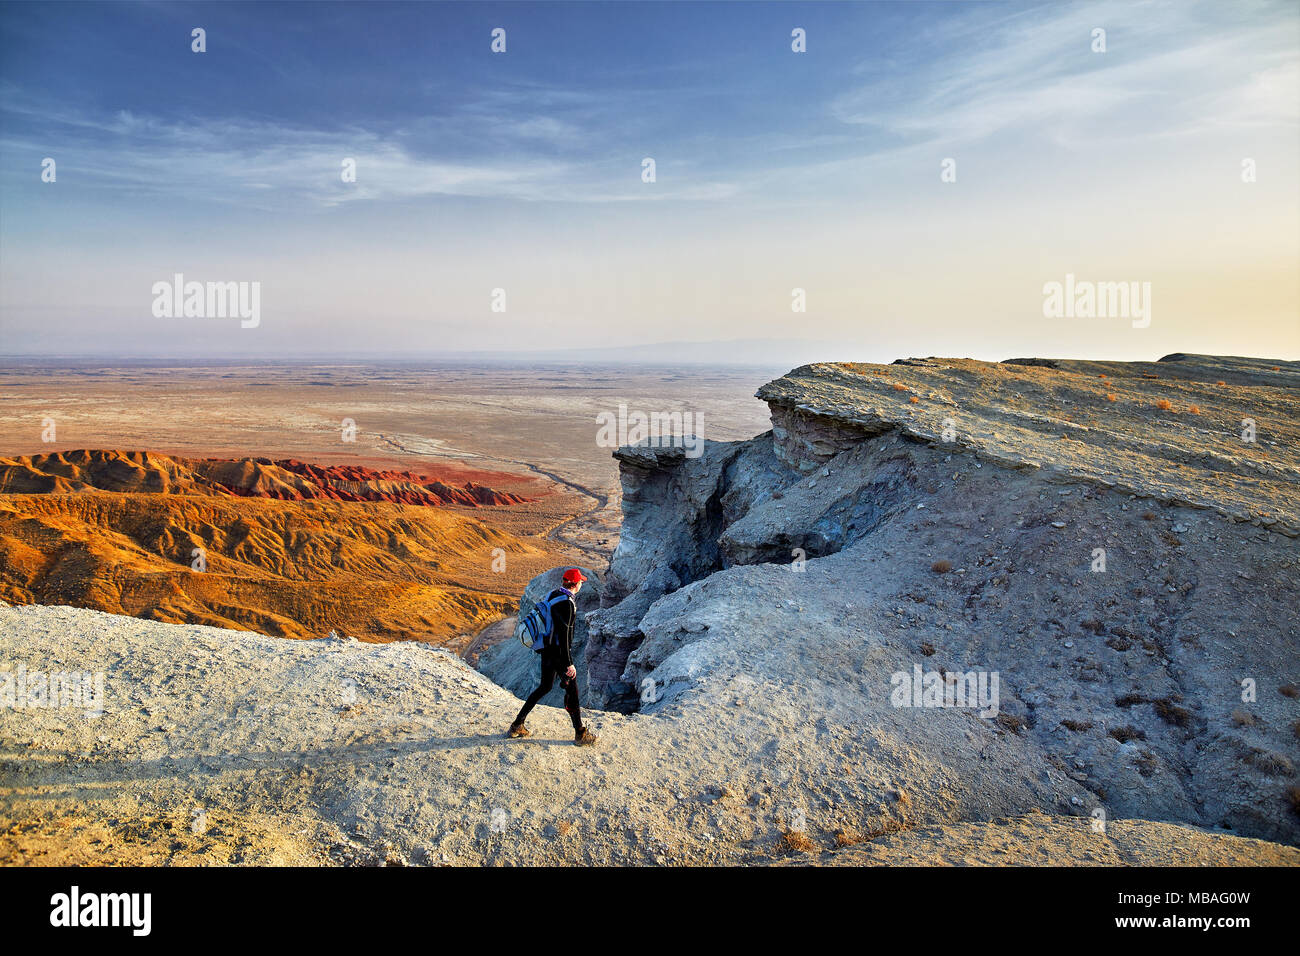 Passeggiate turistiche presso il surreale White Mountains nel parco deserto Altyn Emel in Kazakistan Immagini Stock